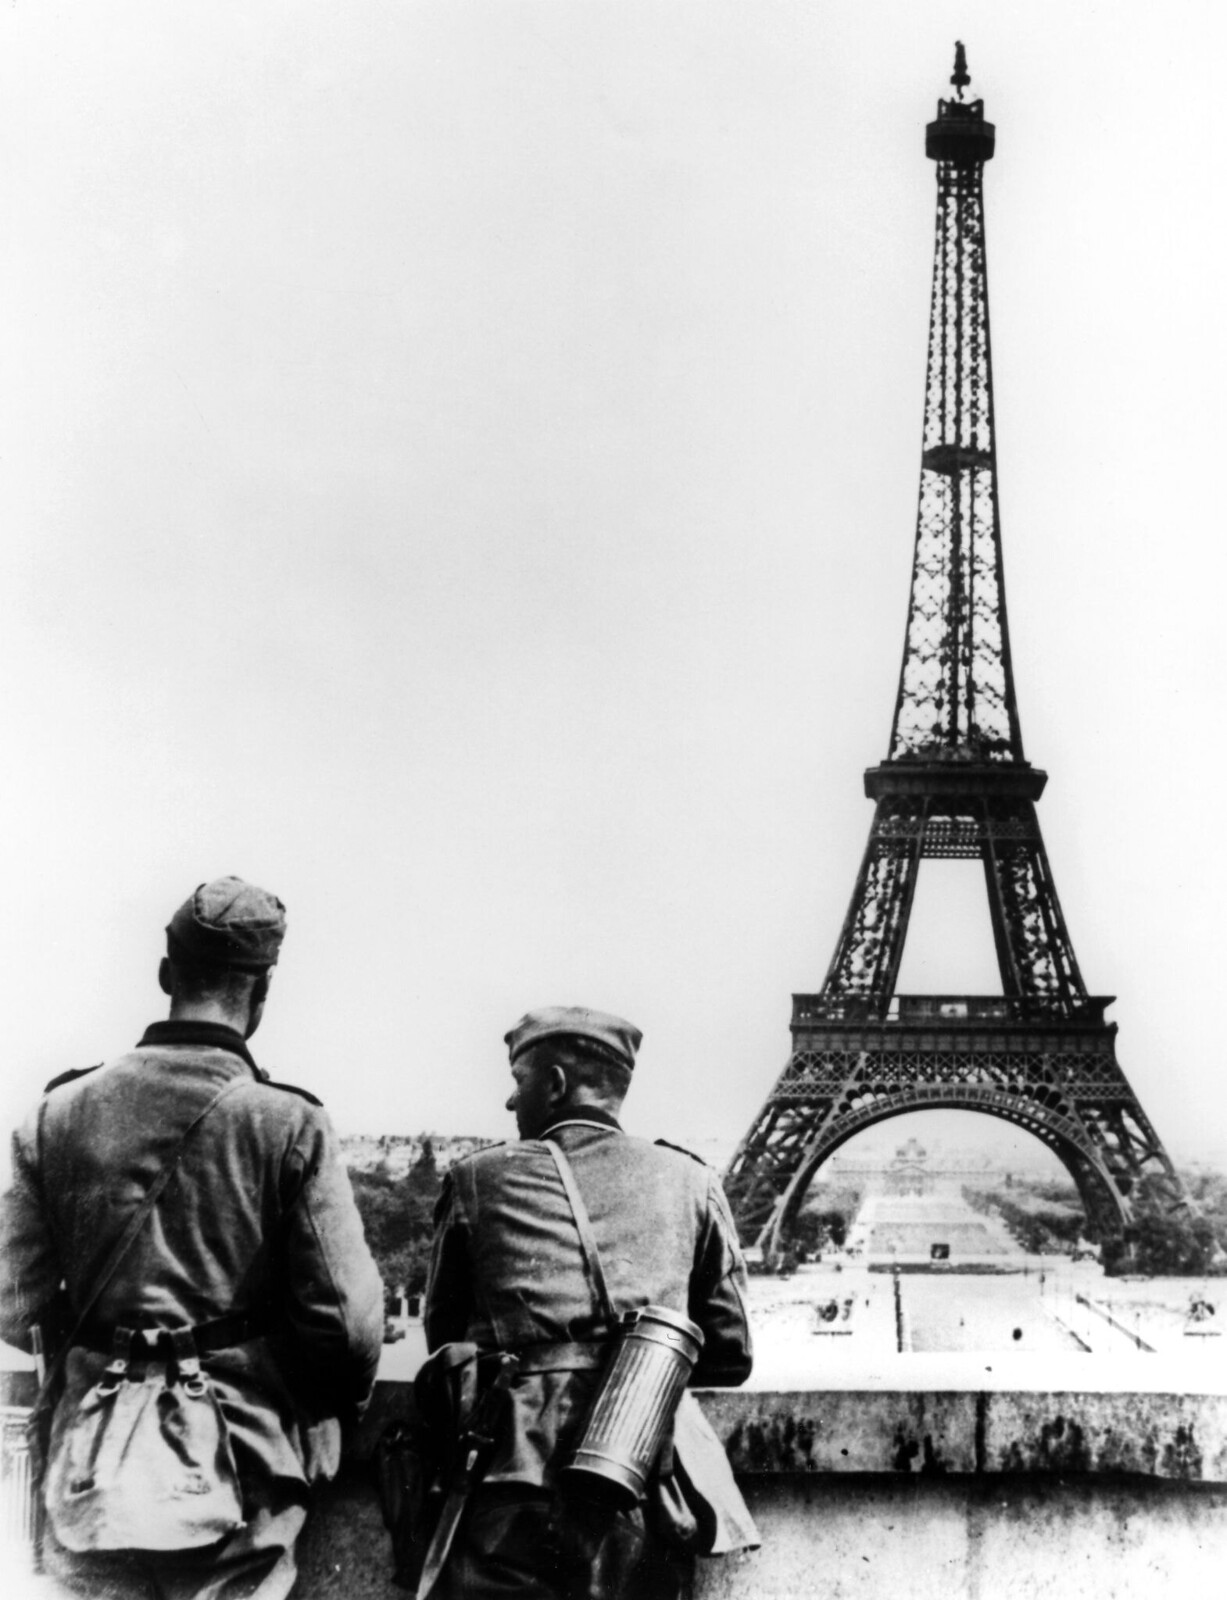 11. Немецкие солдаты у Эйфелевой башни в Париже, июнь